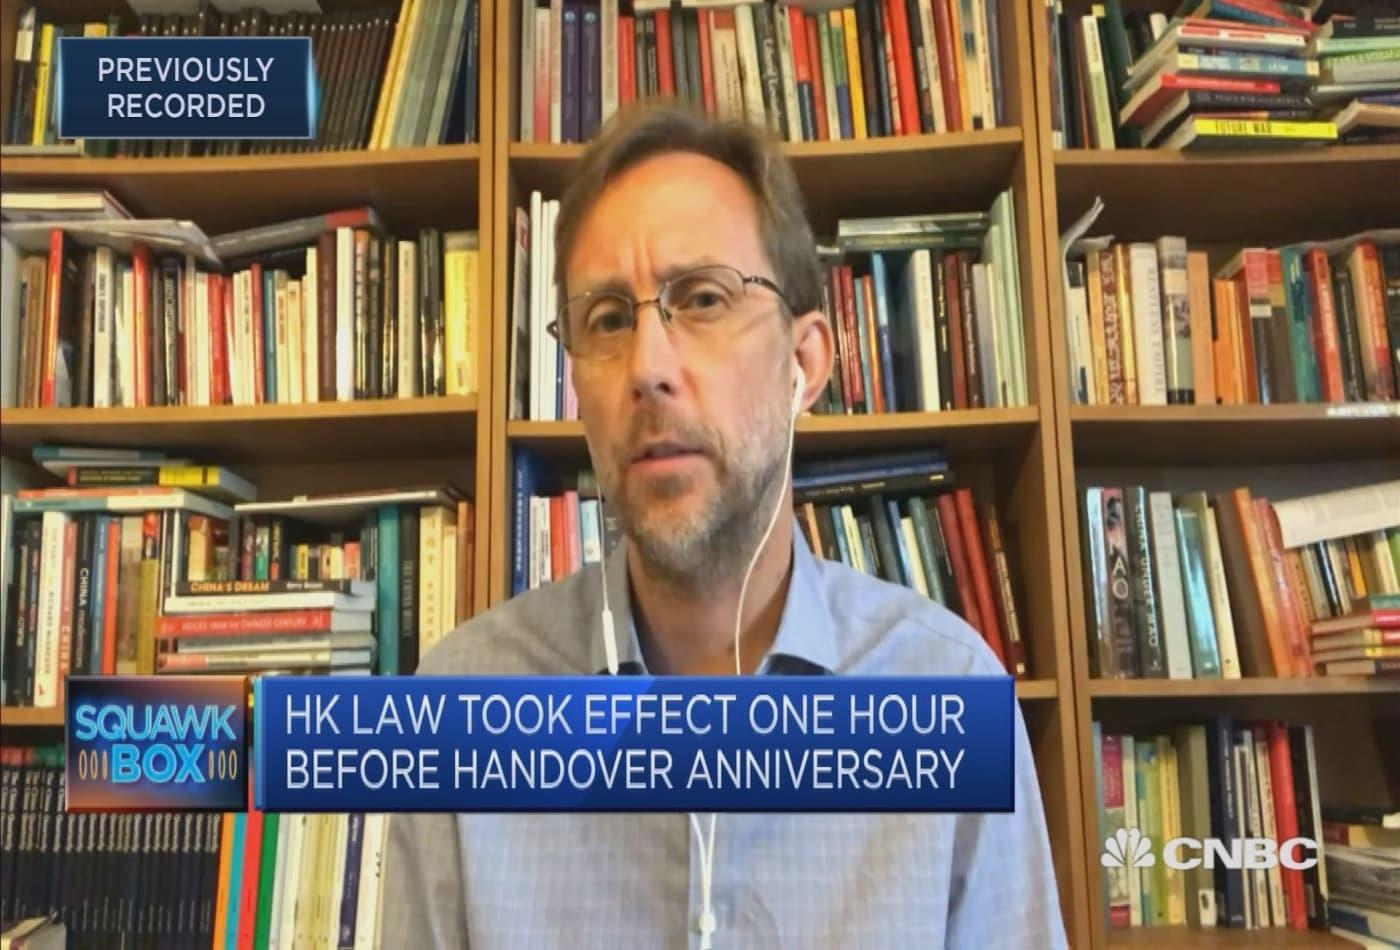 'Too soon' to say Hong Kong has lost its status as a financial hub: Chatham House